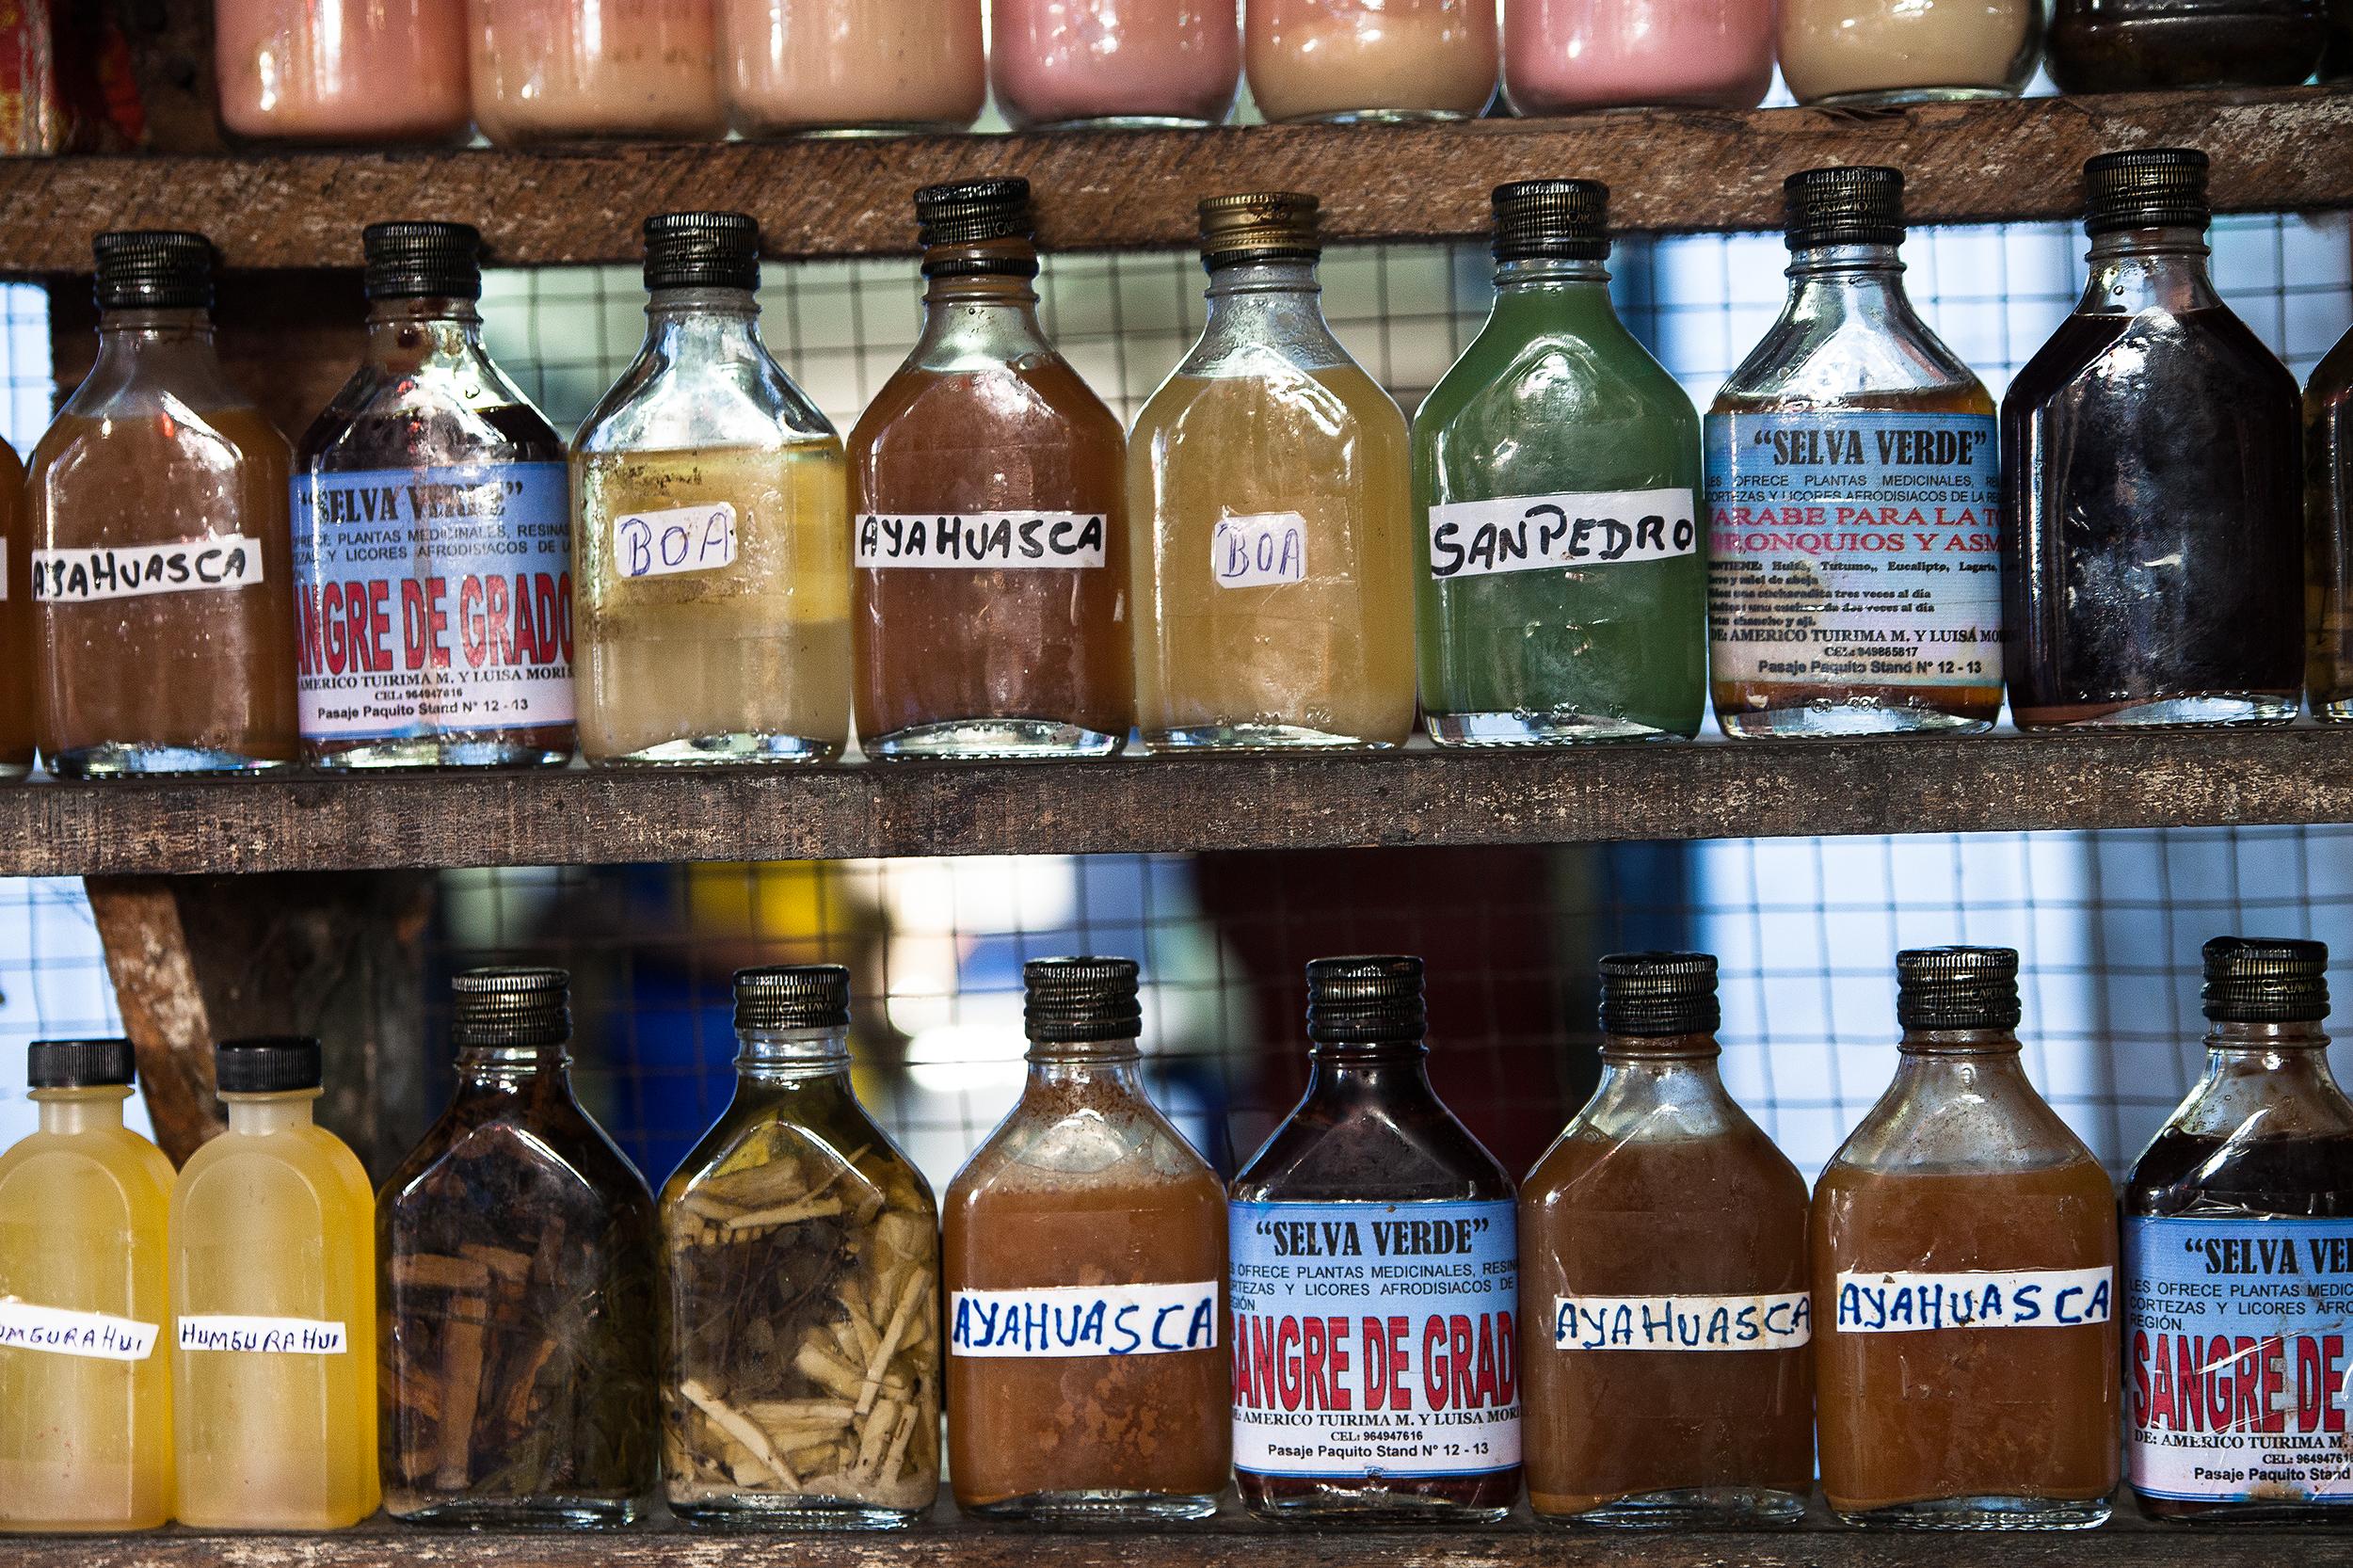 Mercado em Iquitos.6464.jpg